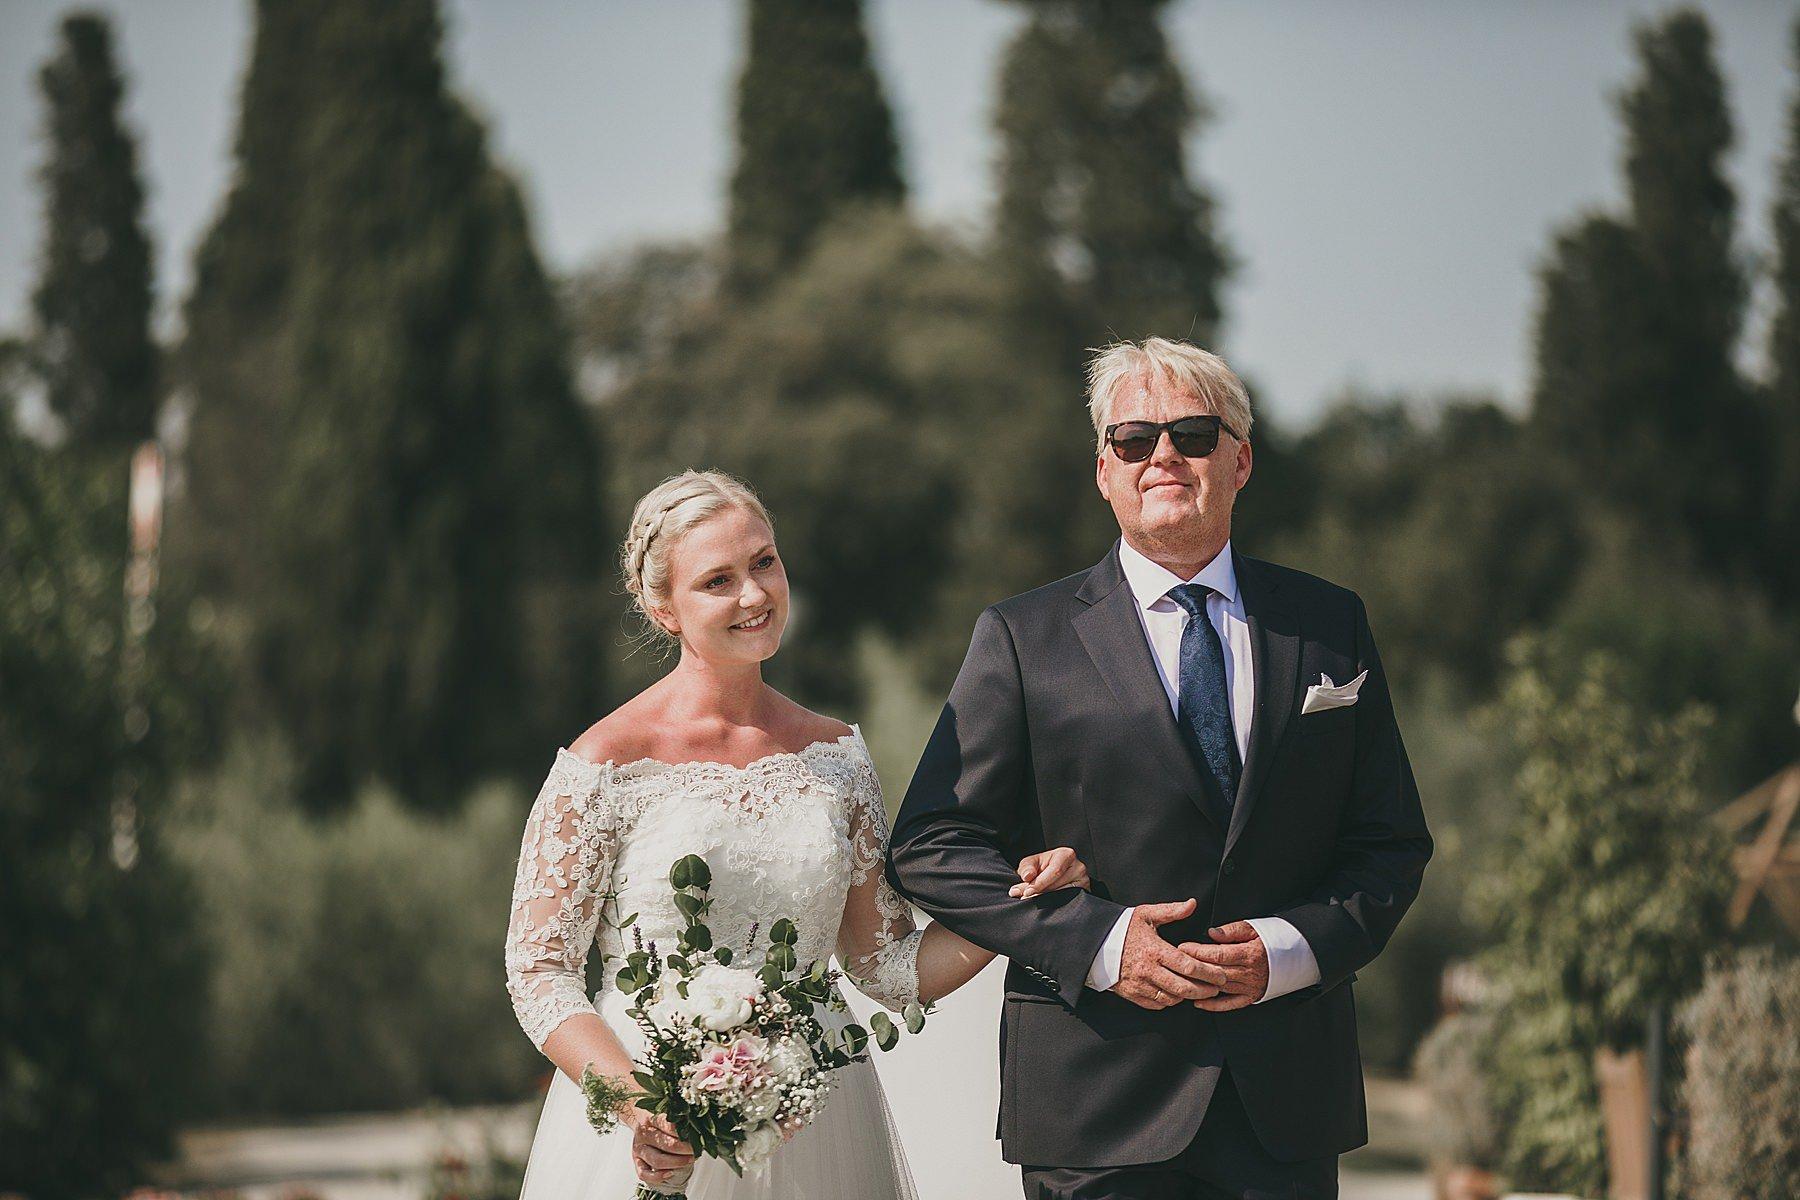 Ingresso in cerimonia della sposa col padre